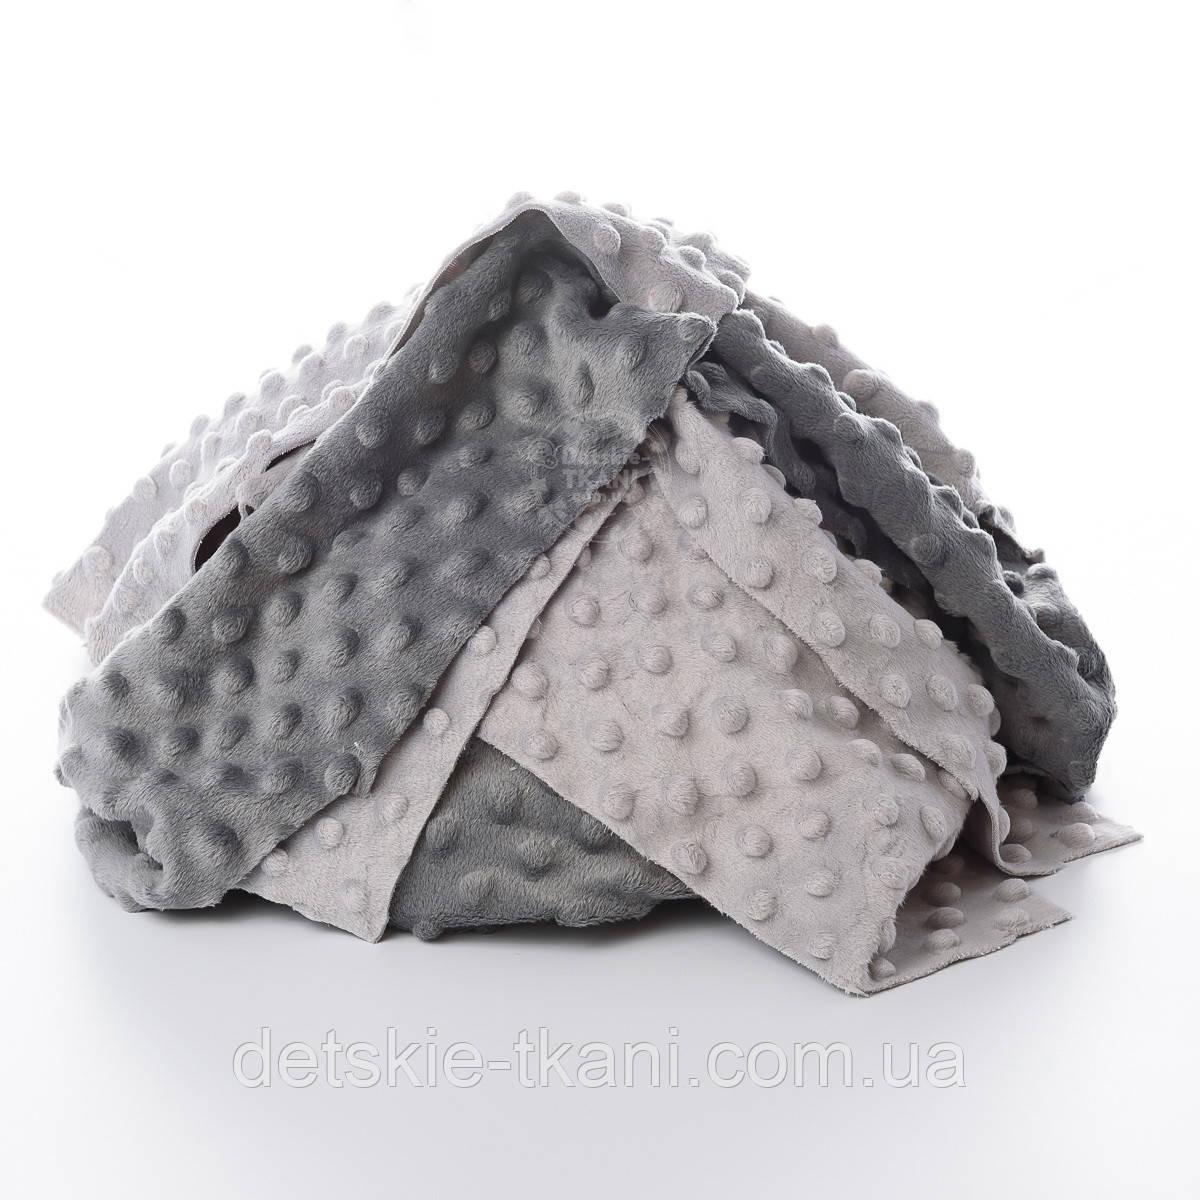 Плюш Minky лоскуты для рукоделия серого цвета, 0.5 кг